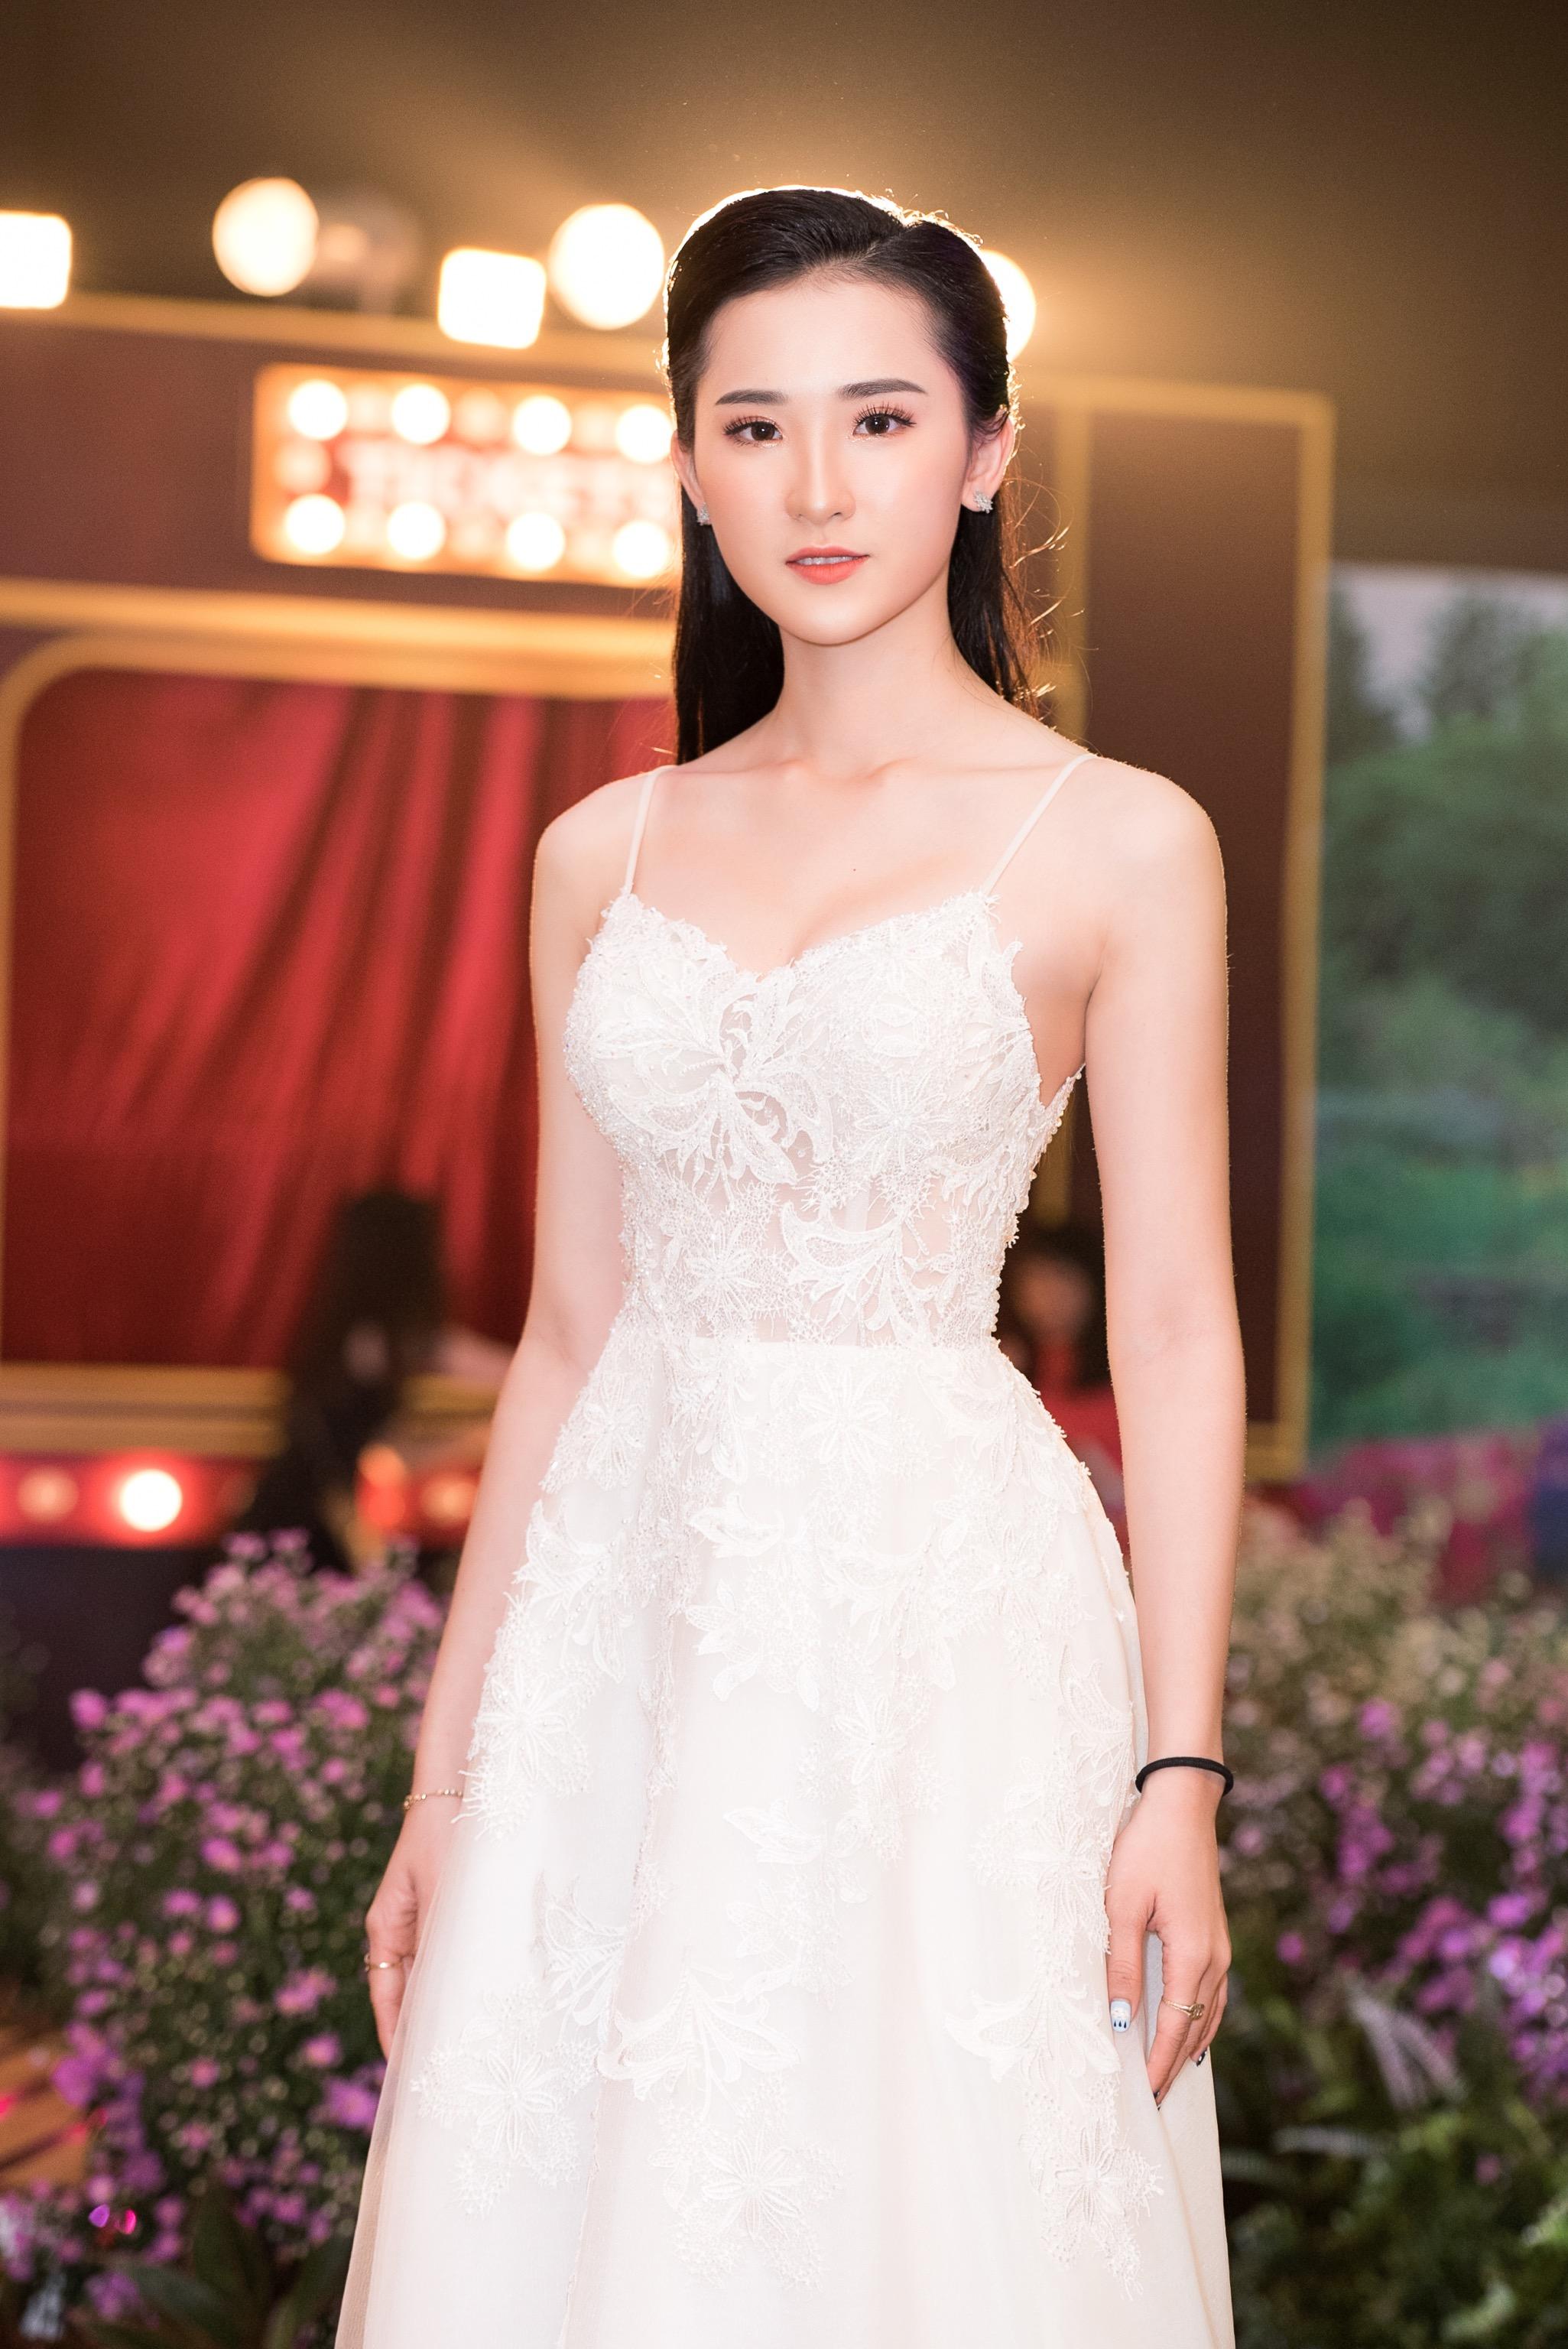 Hoa hậu Tiểu Vy mặc đầm cúp ngực quyến rũ khó tả Ảnh 7